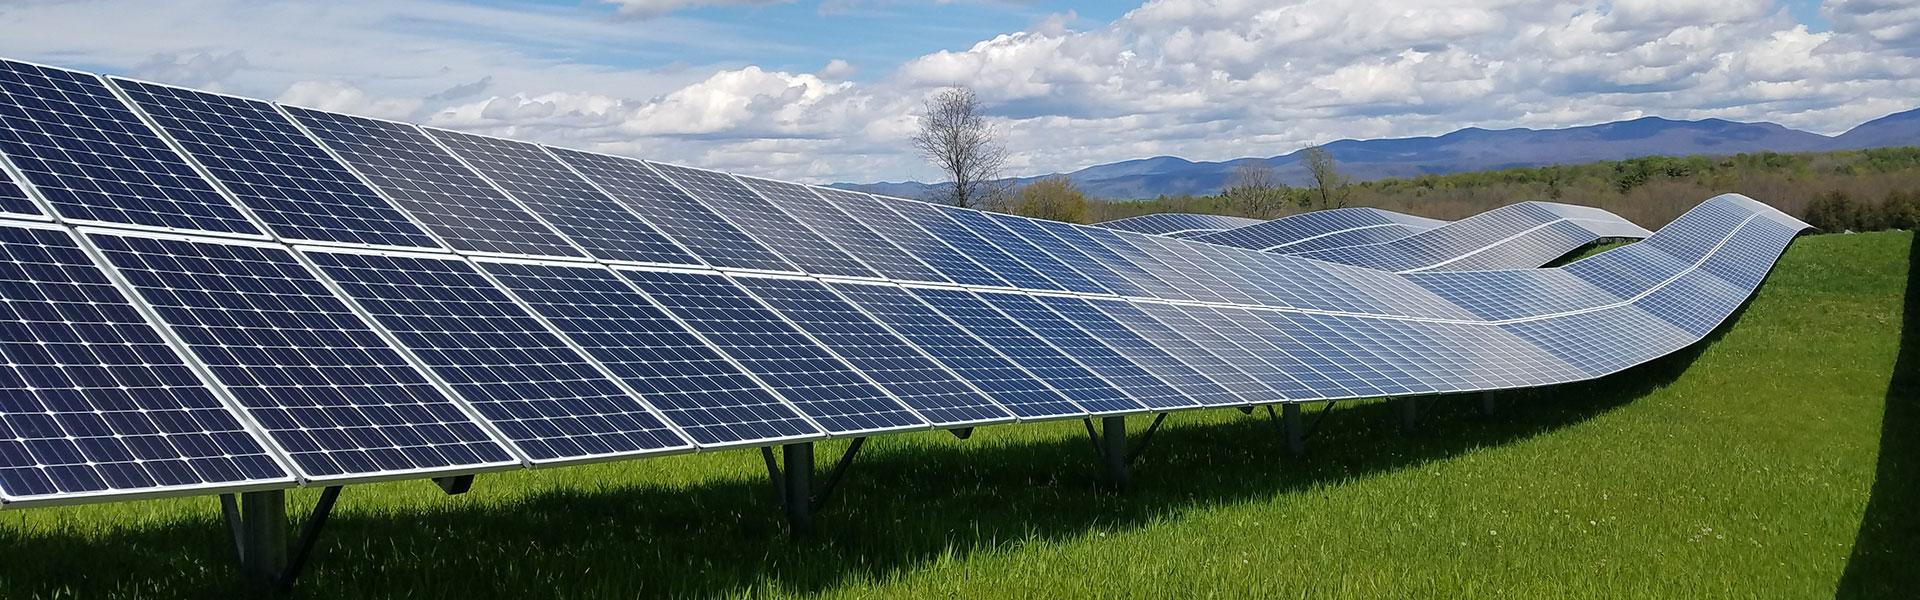 VEPP Inc  - Vermont Renewable Energy Programs